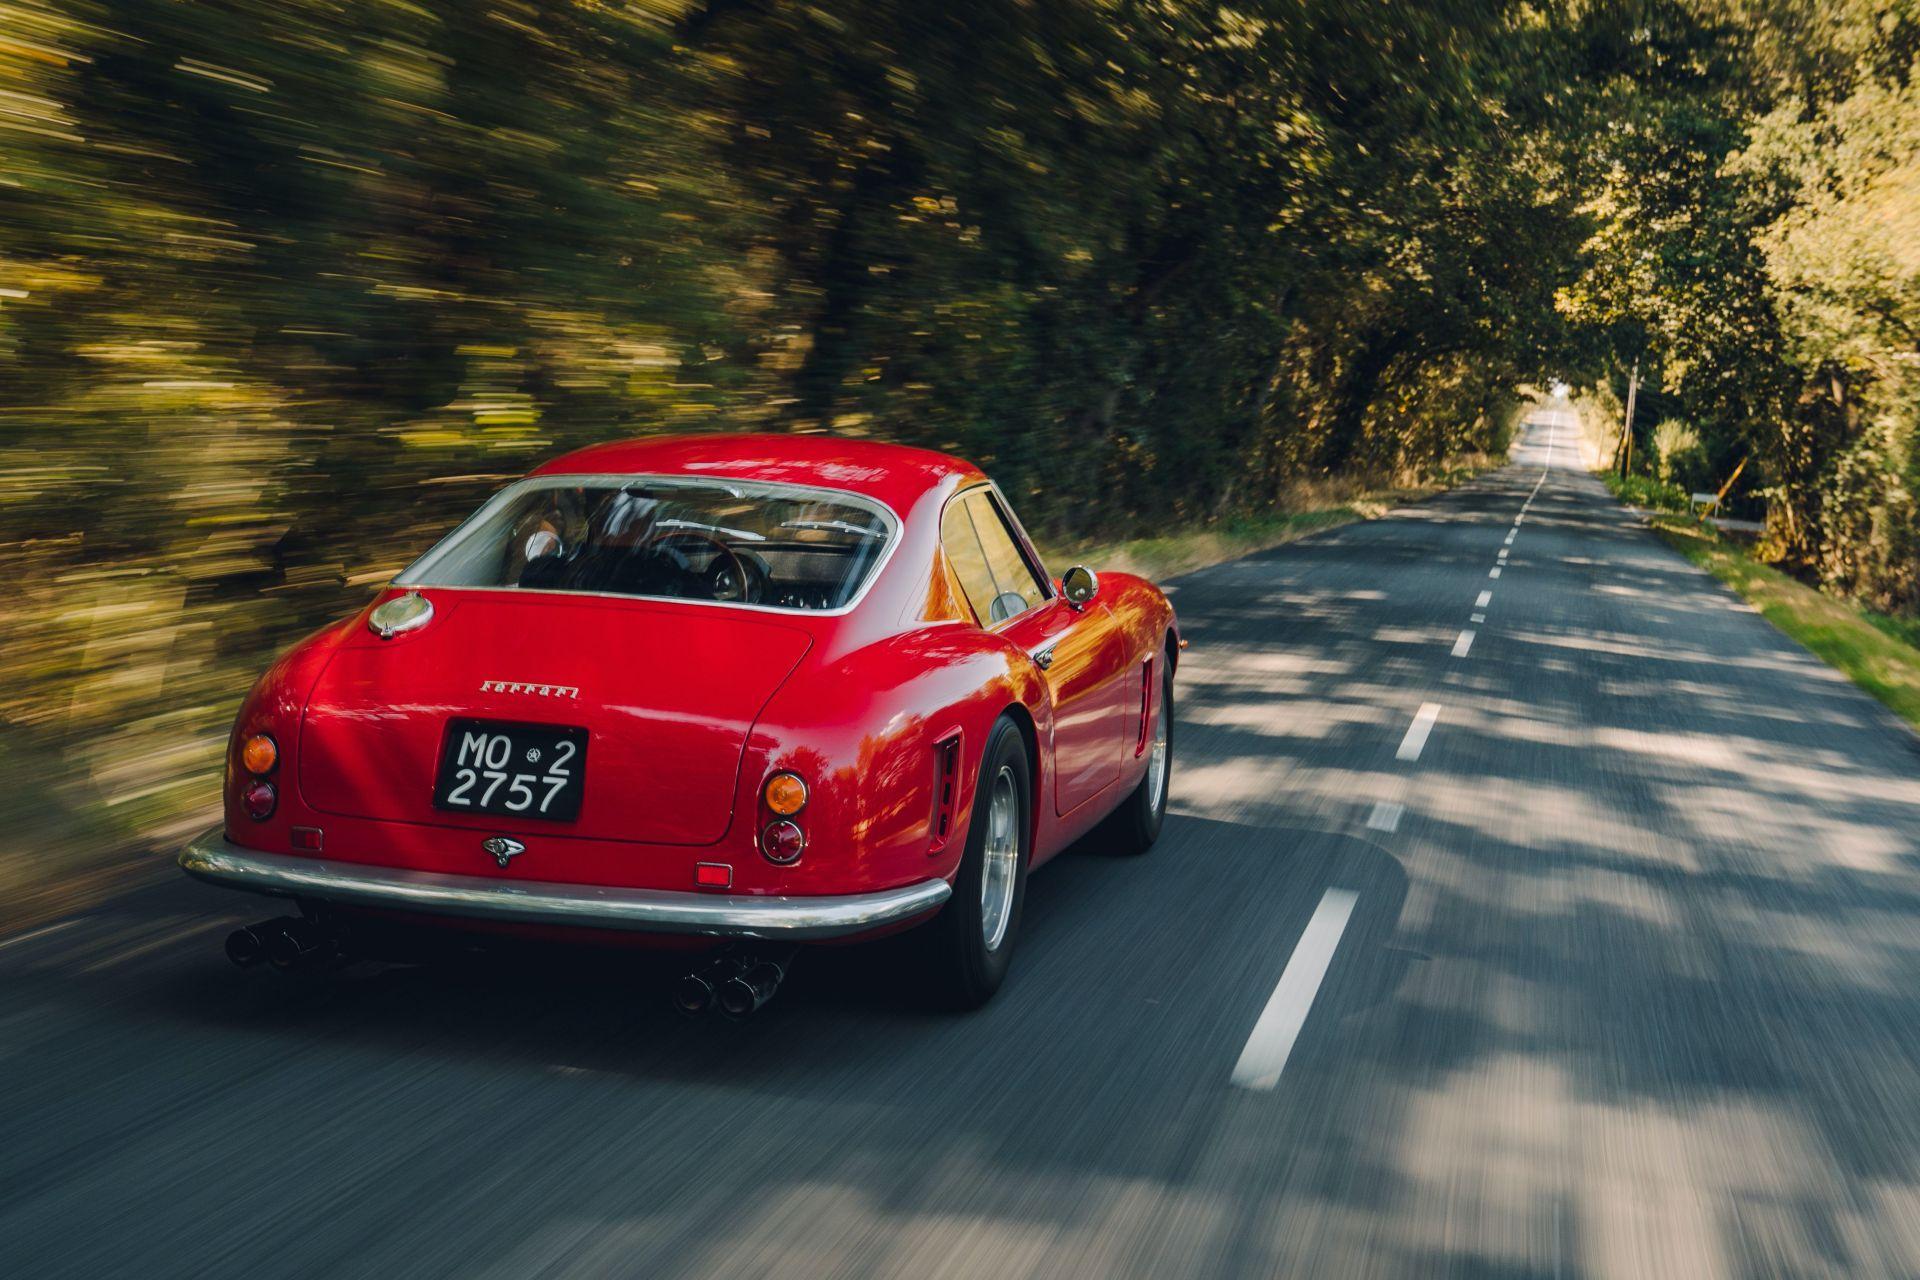 Ferrari-250-GT-SWB-Berlinetta-Competizione-Revival-by-GTO-Engineering-9